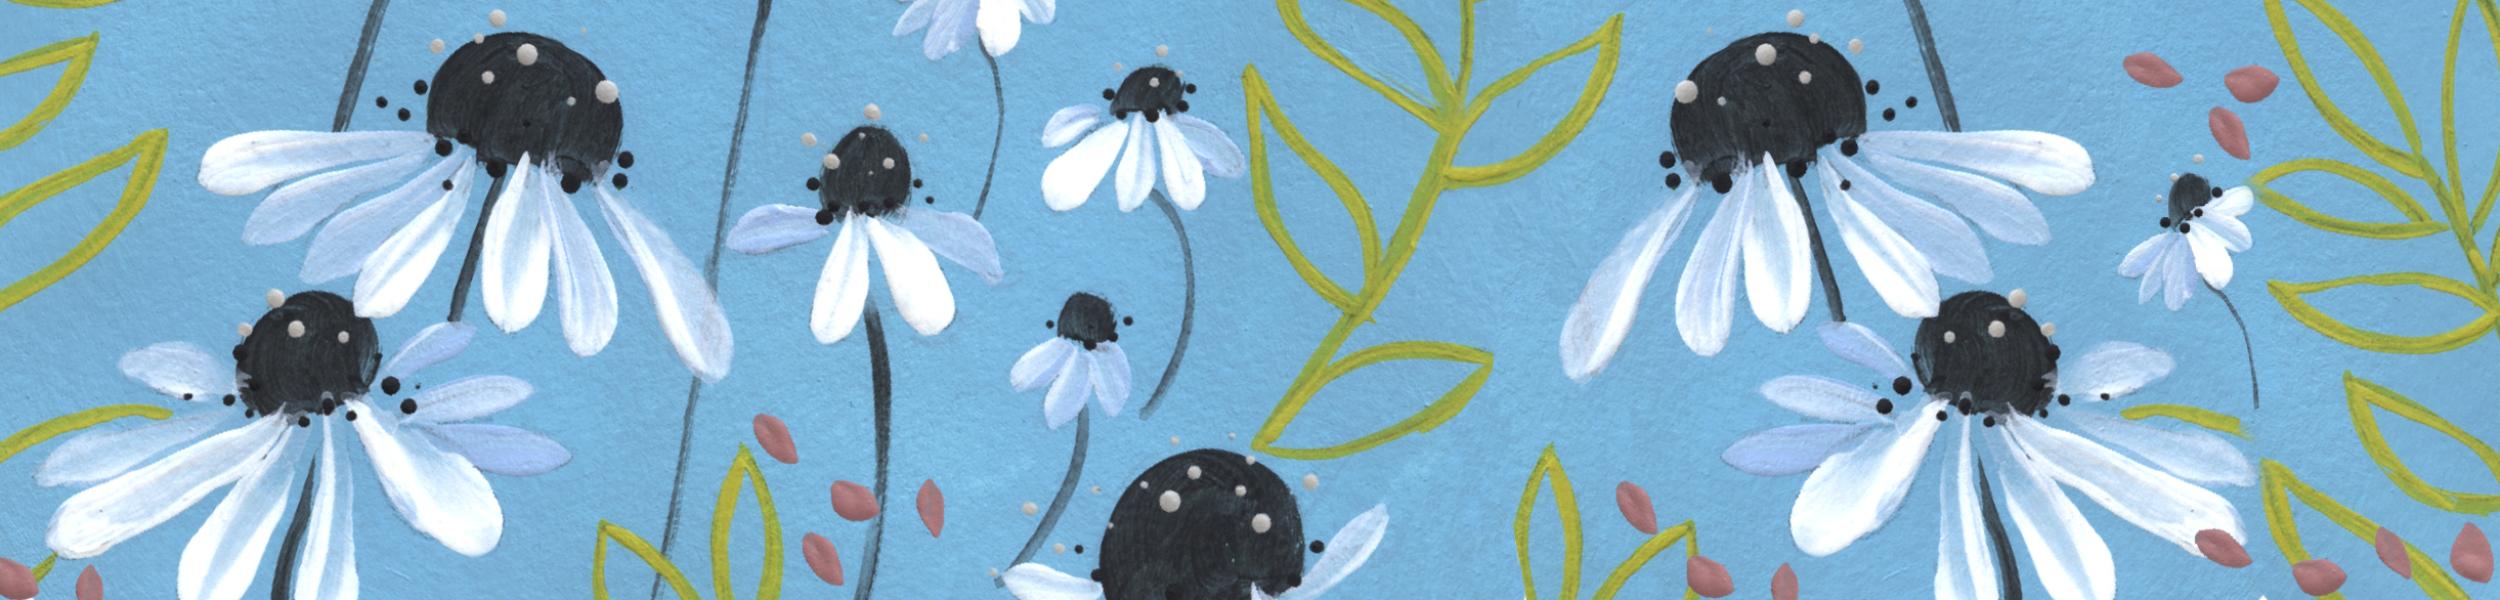 Bannière Capsule 2 Minibook 2 Marguerites 2500×600